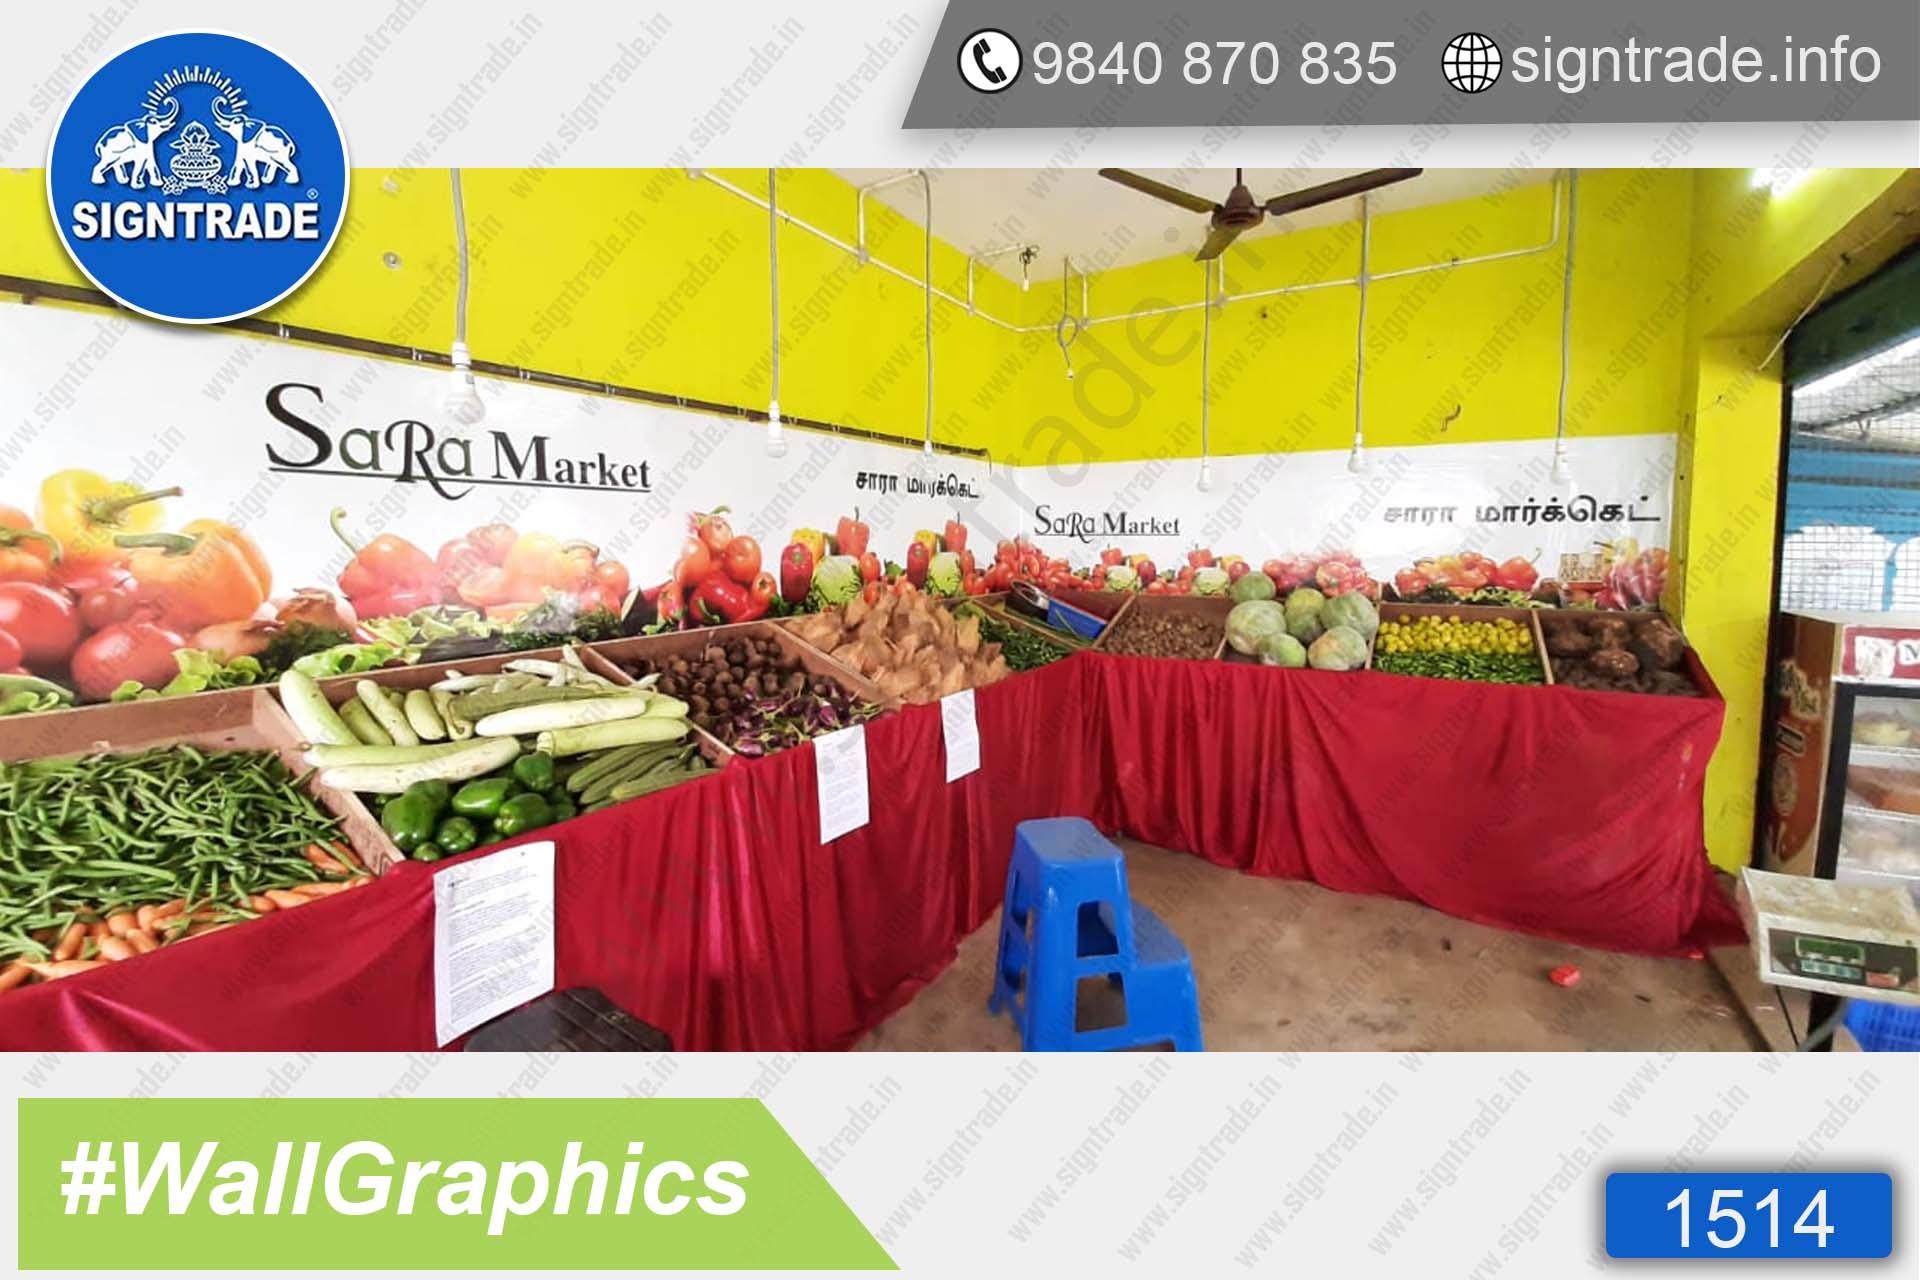 Sara Market, Madambakkam, Chennai - SIGNTRADE - Wall Graphics - Vinyl Graphics on Wall - Digital Printing Services in Chennai